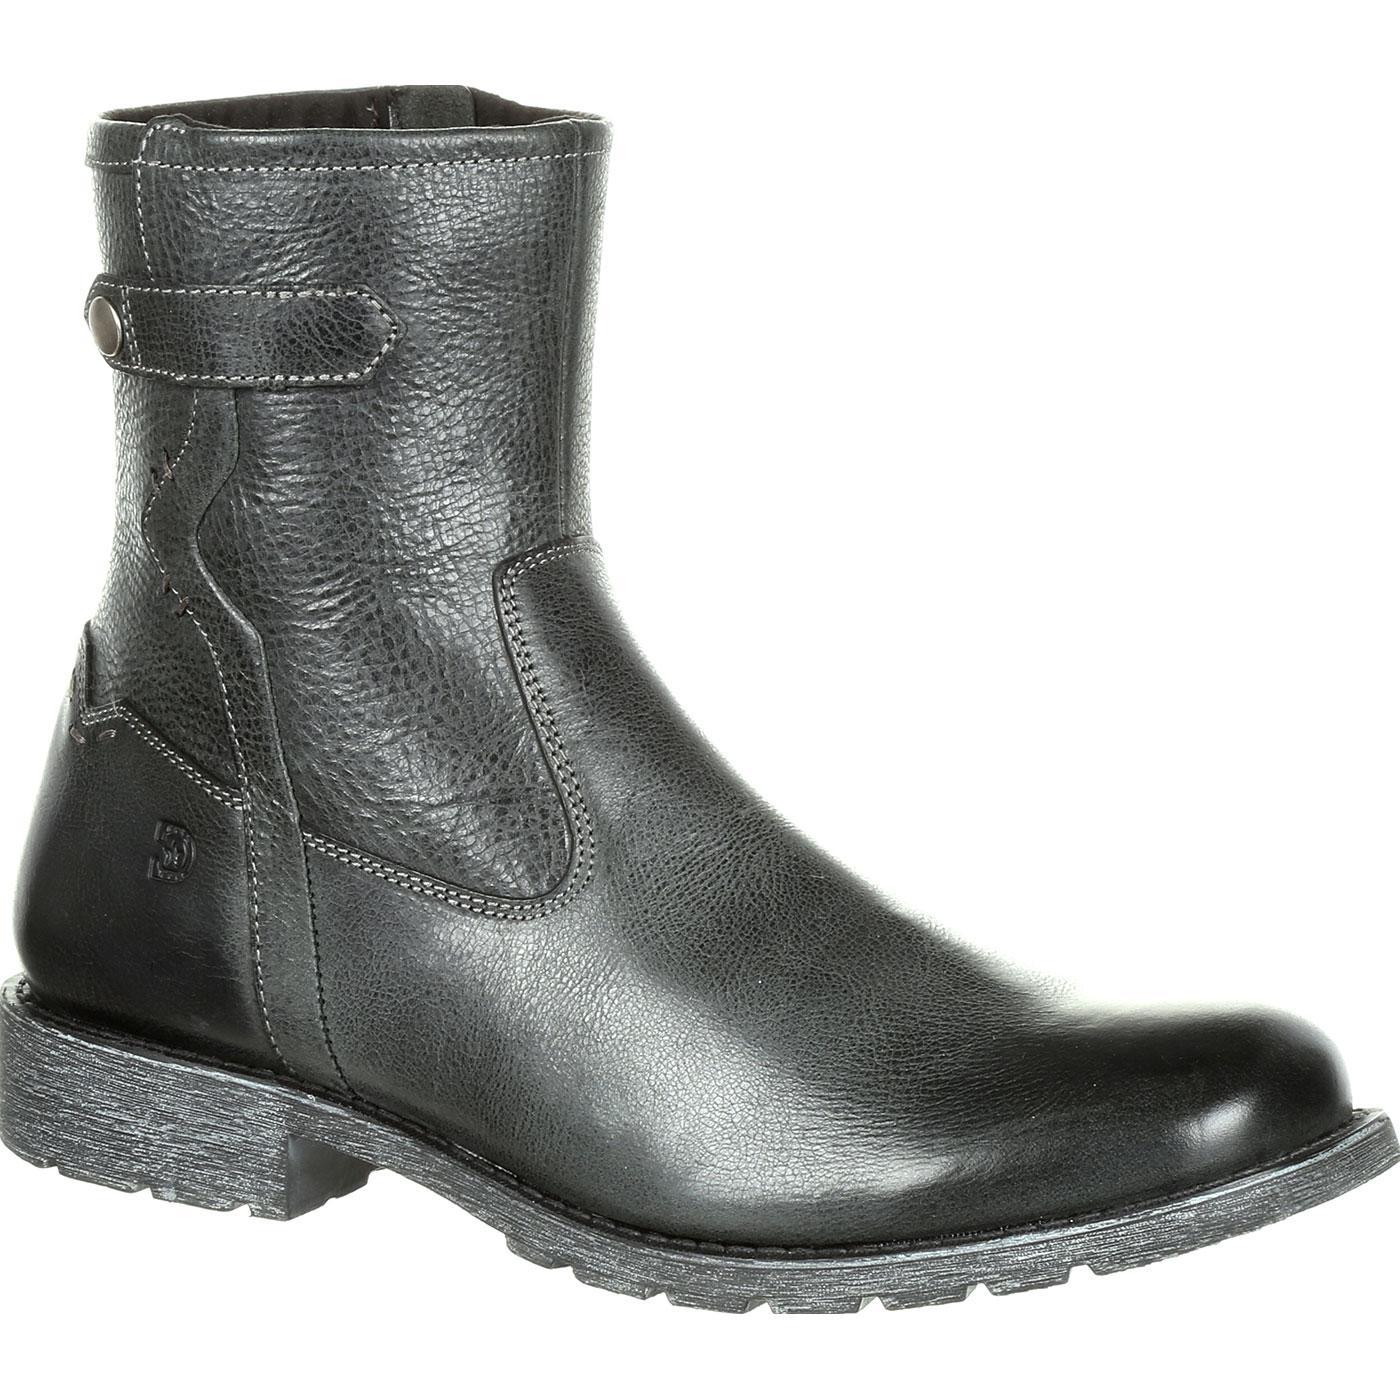 878505b0314 Durango Drifter Men's Black Side-Zip Boot